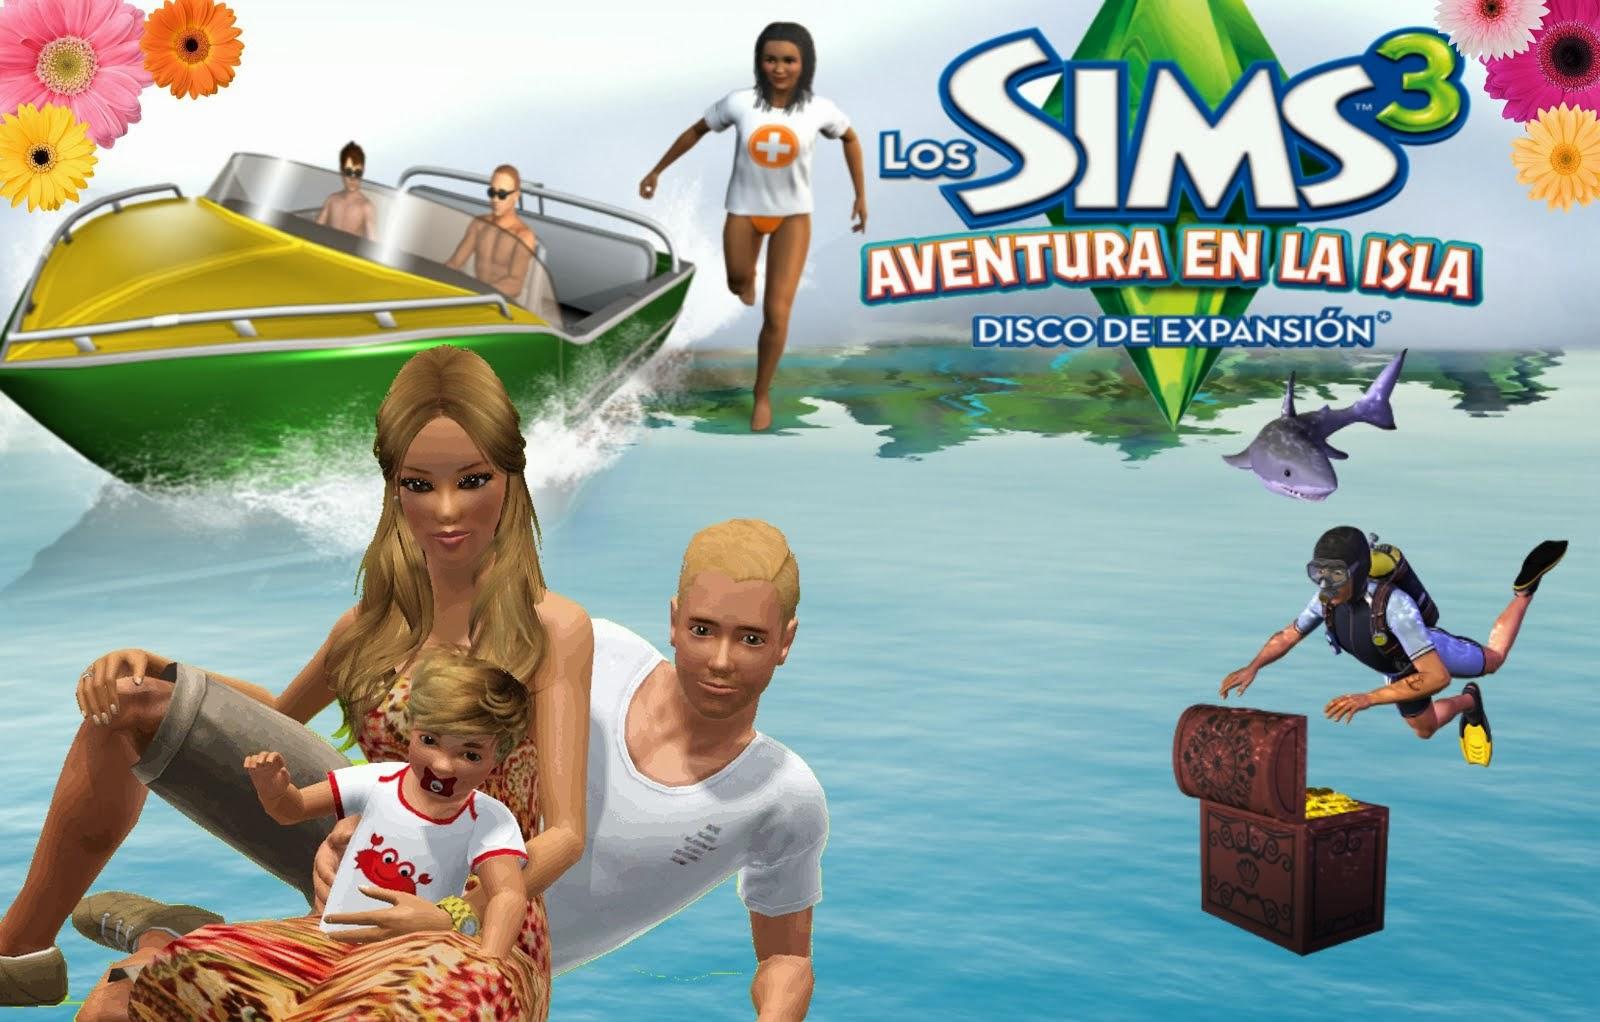 Pack de Peinados para Hombre 1 [SIMS 3] YouTube - Peinados Para Los Sims 3